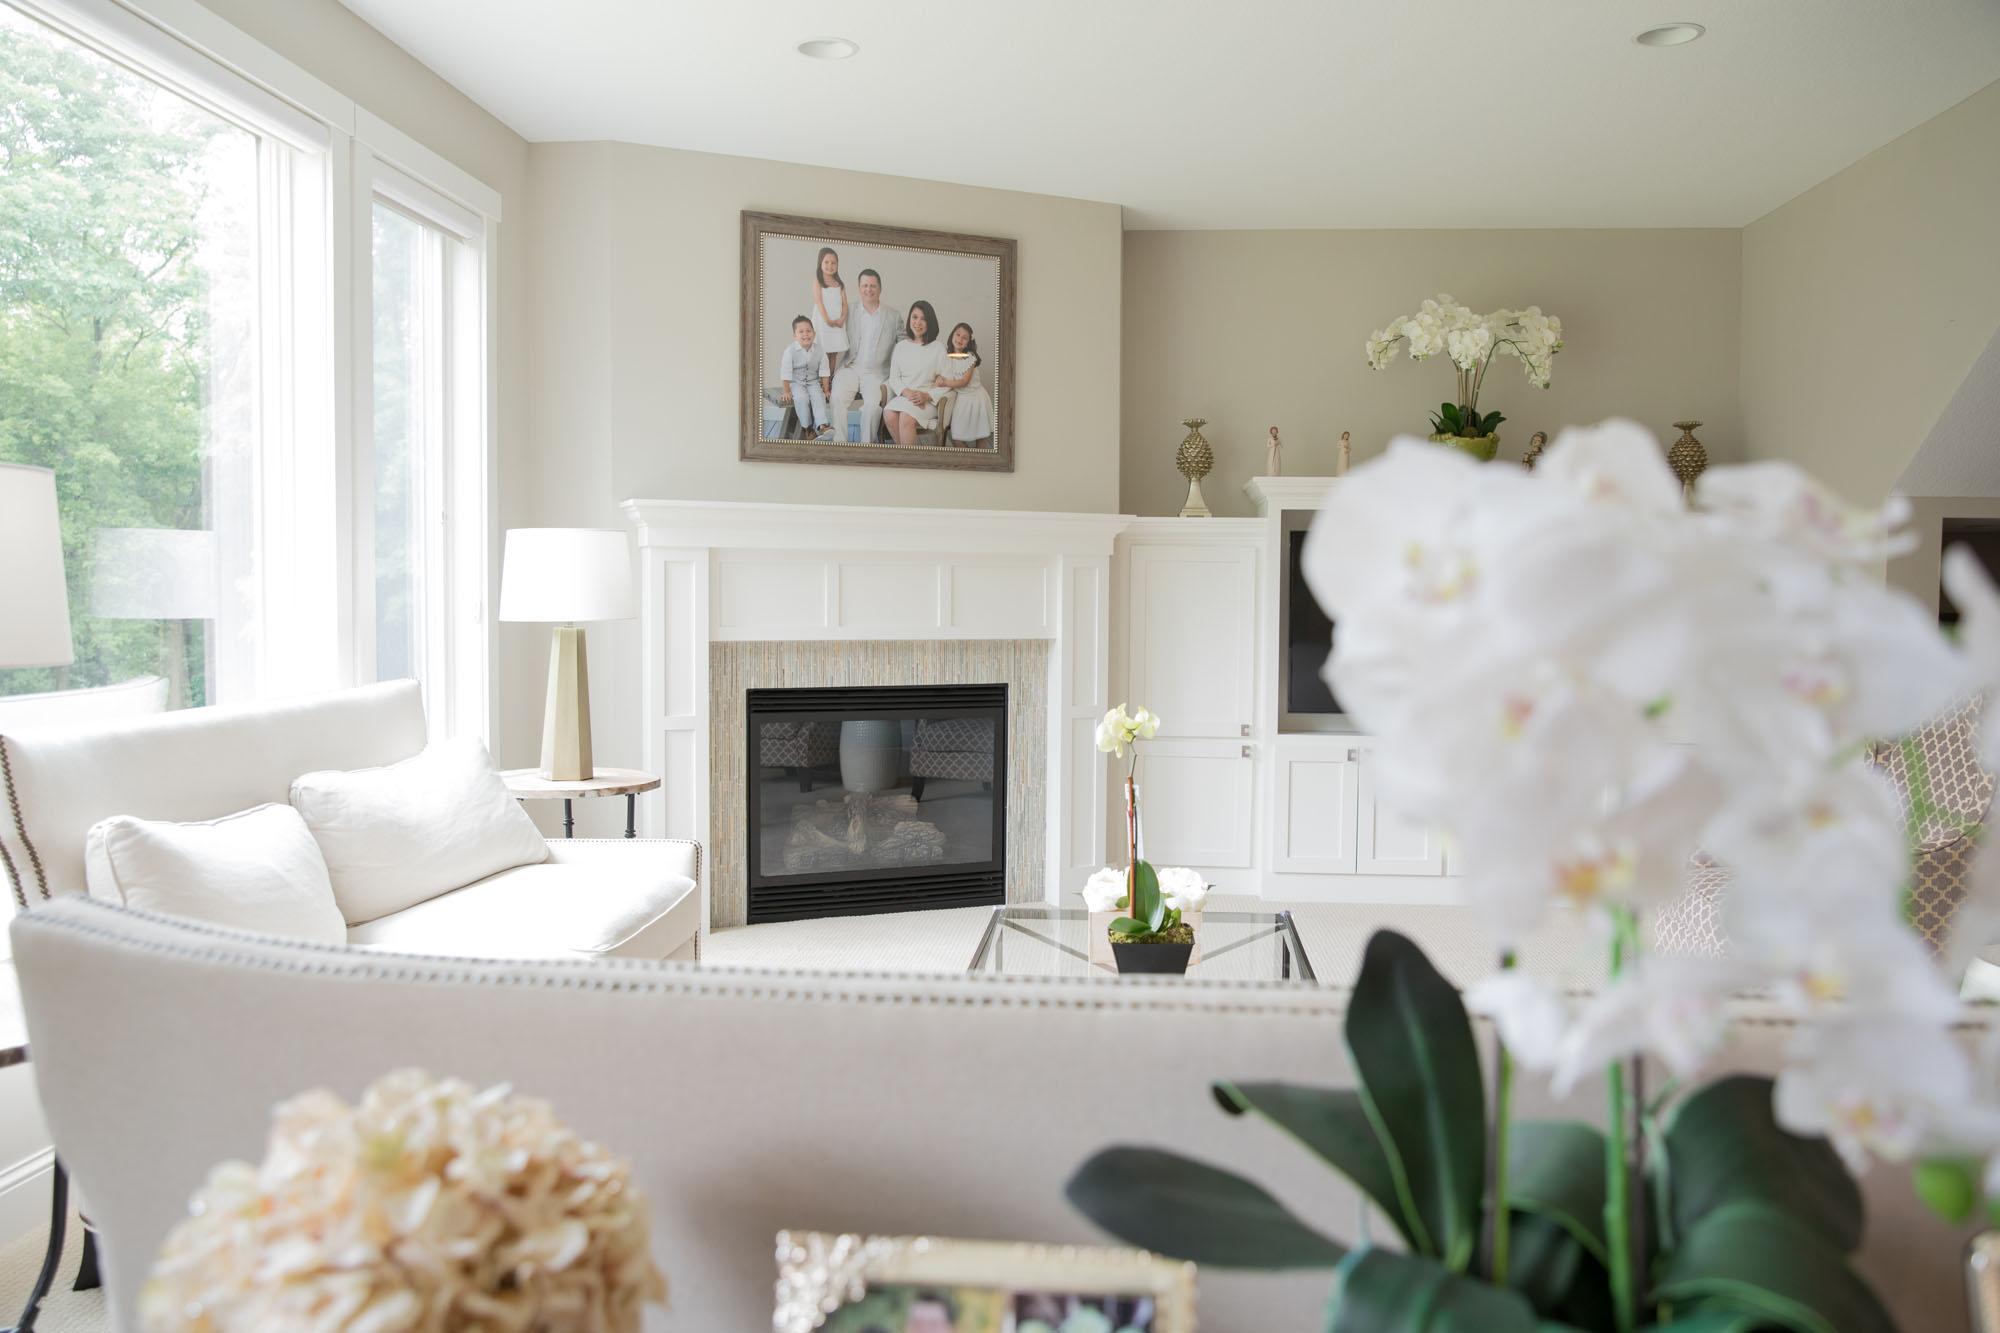 Living room custom framing